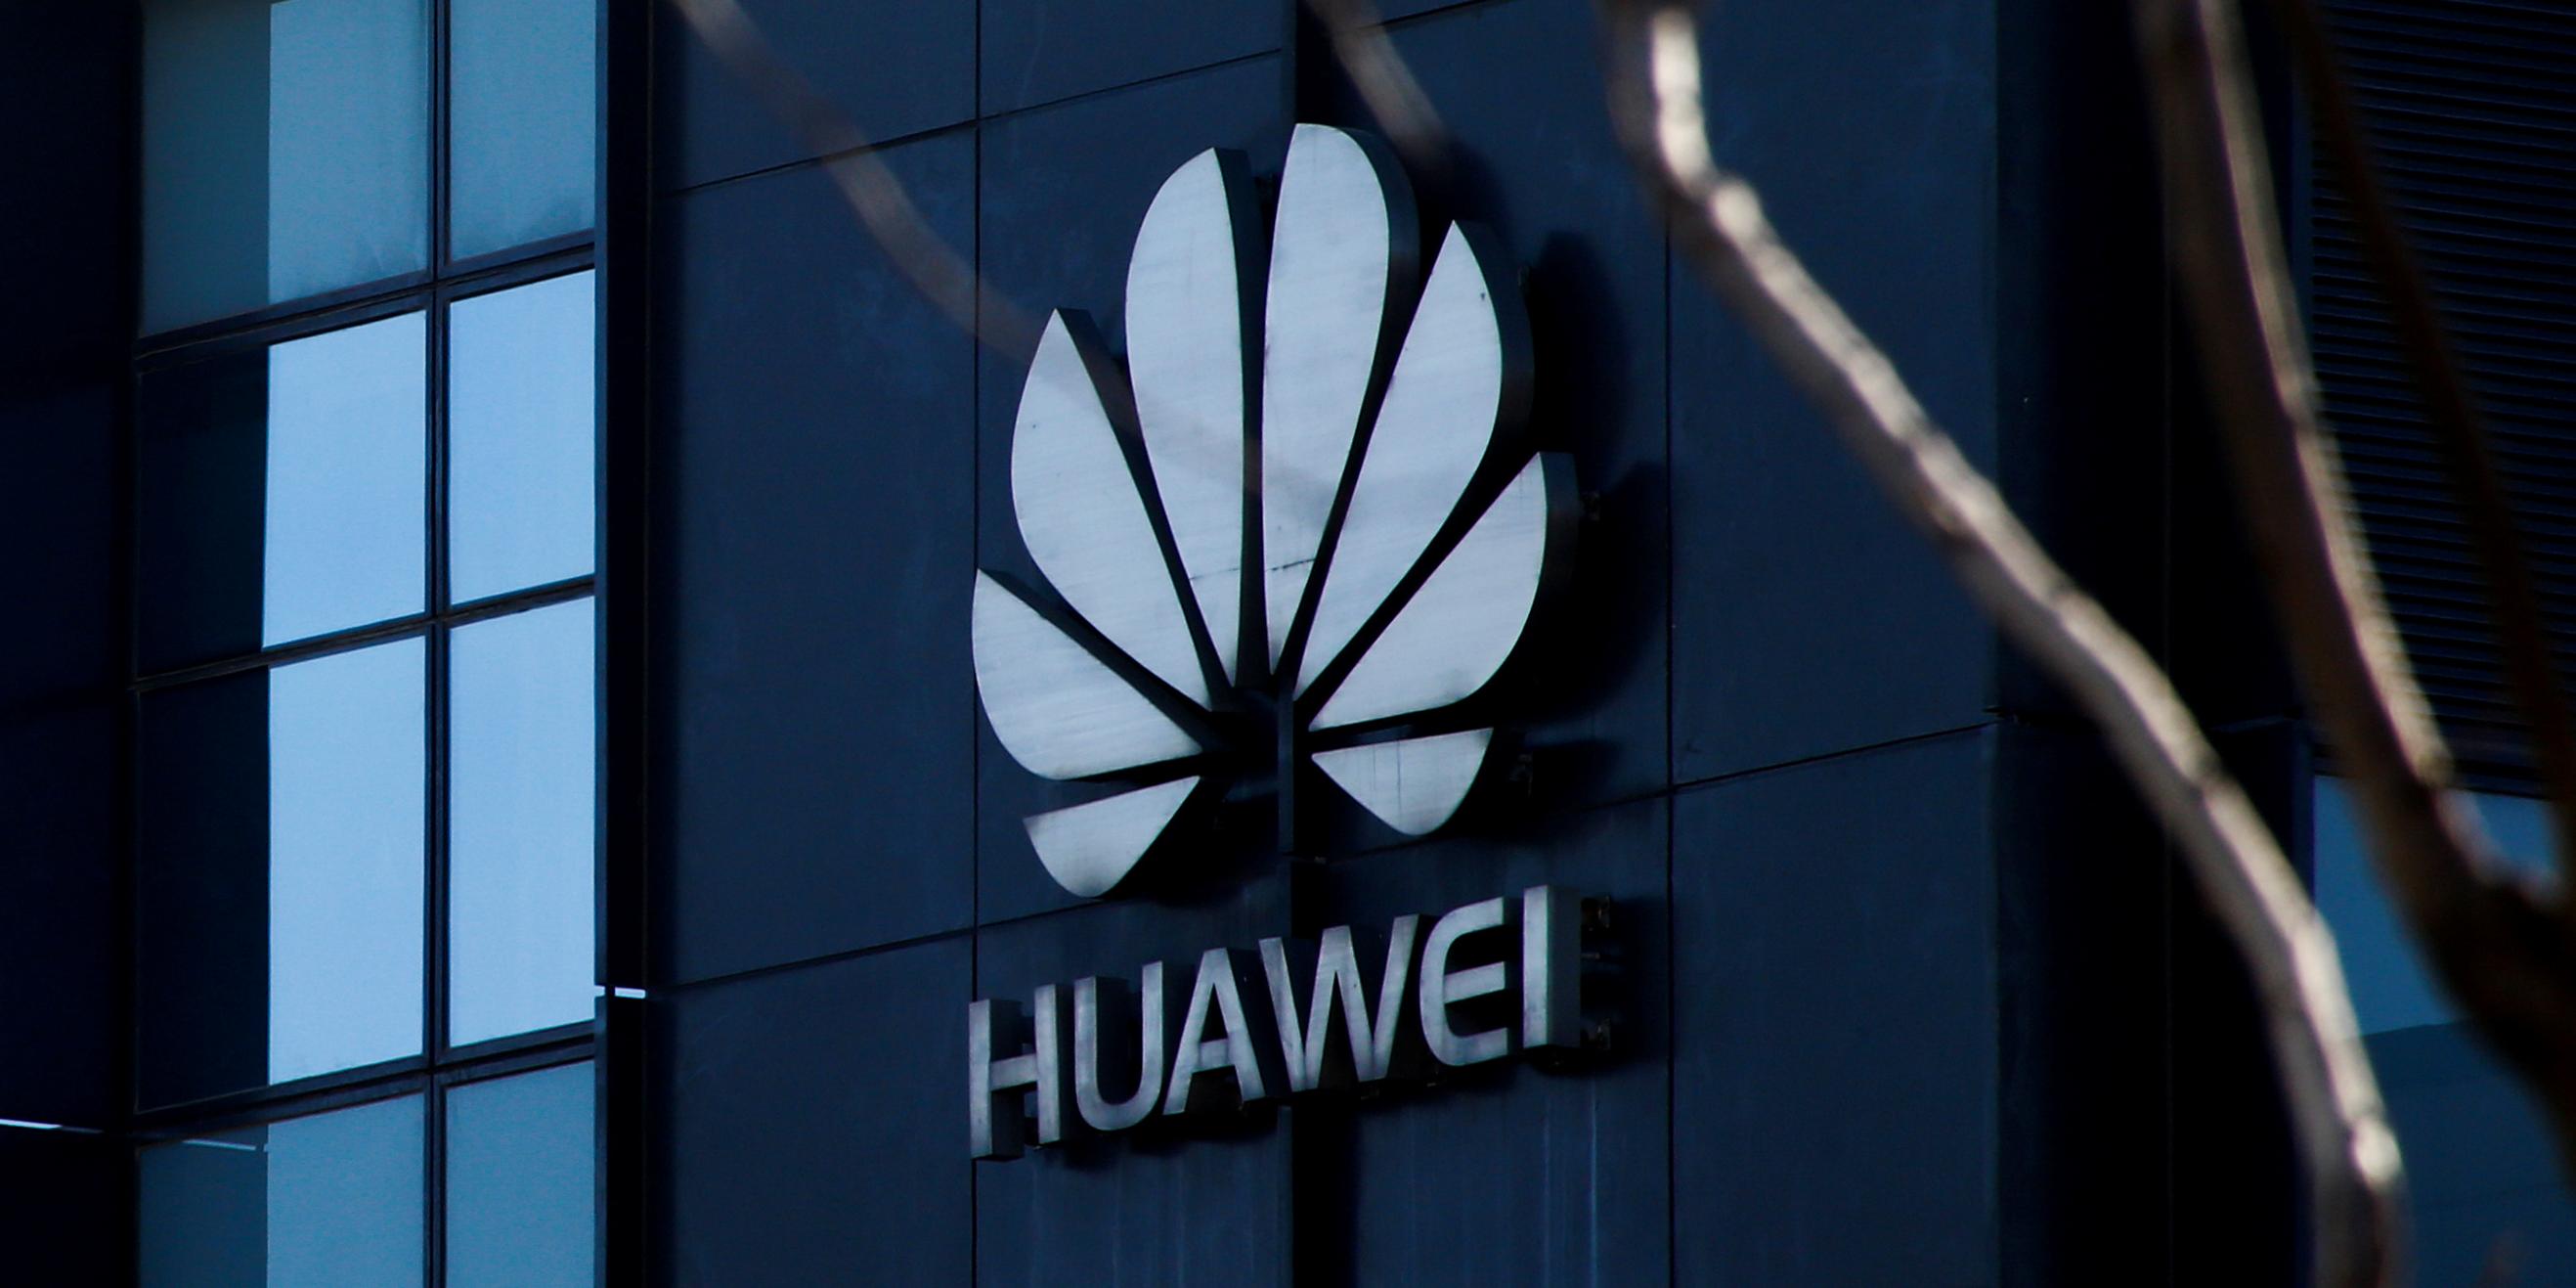 Huawei, nouvelle cible des États-Unis après ZTE